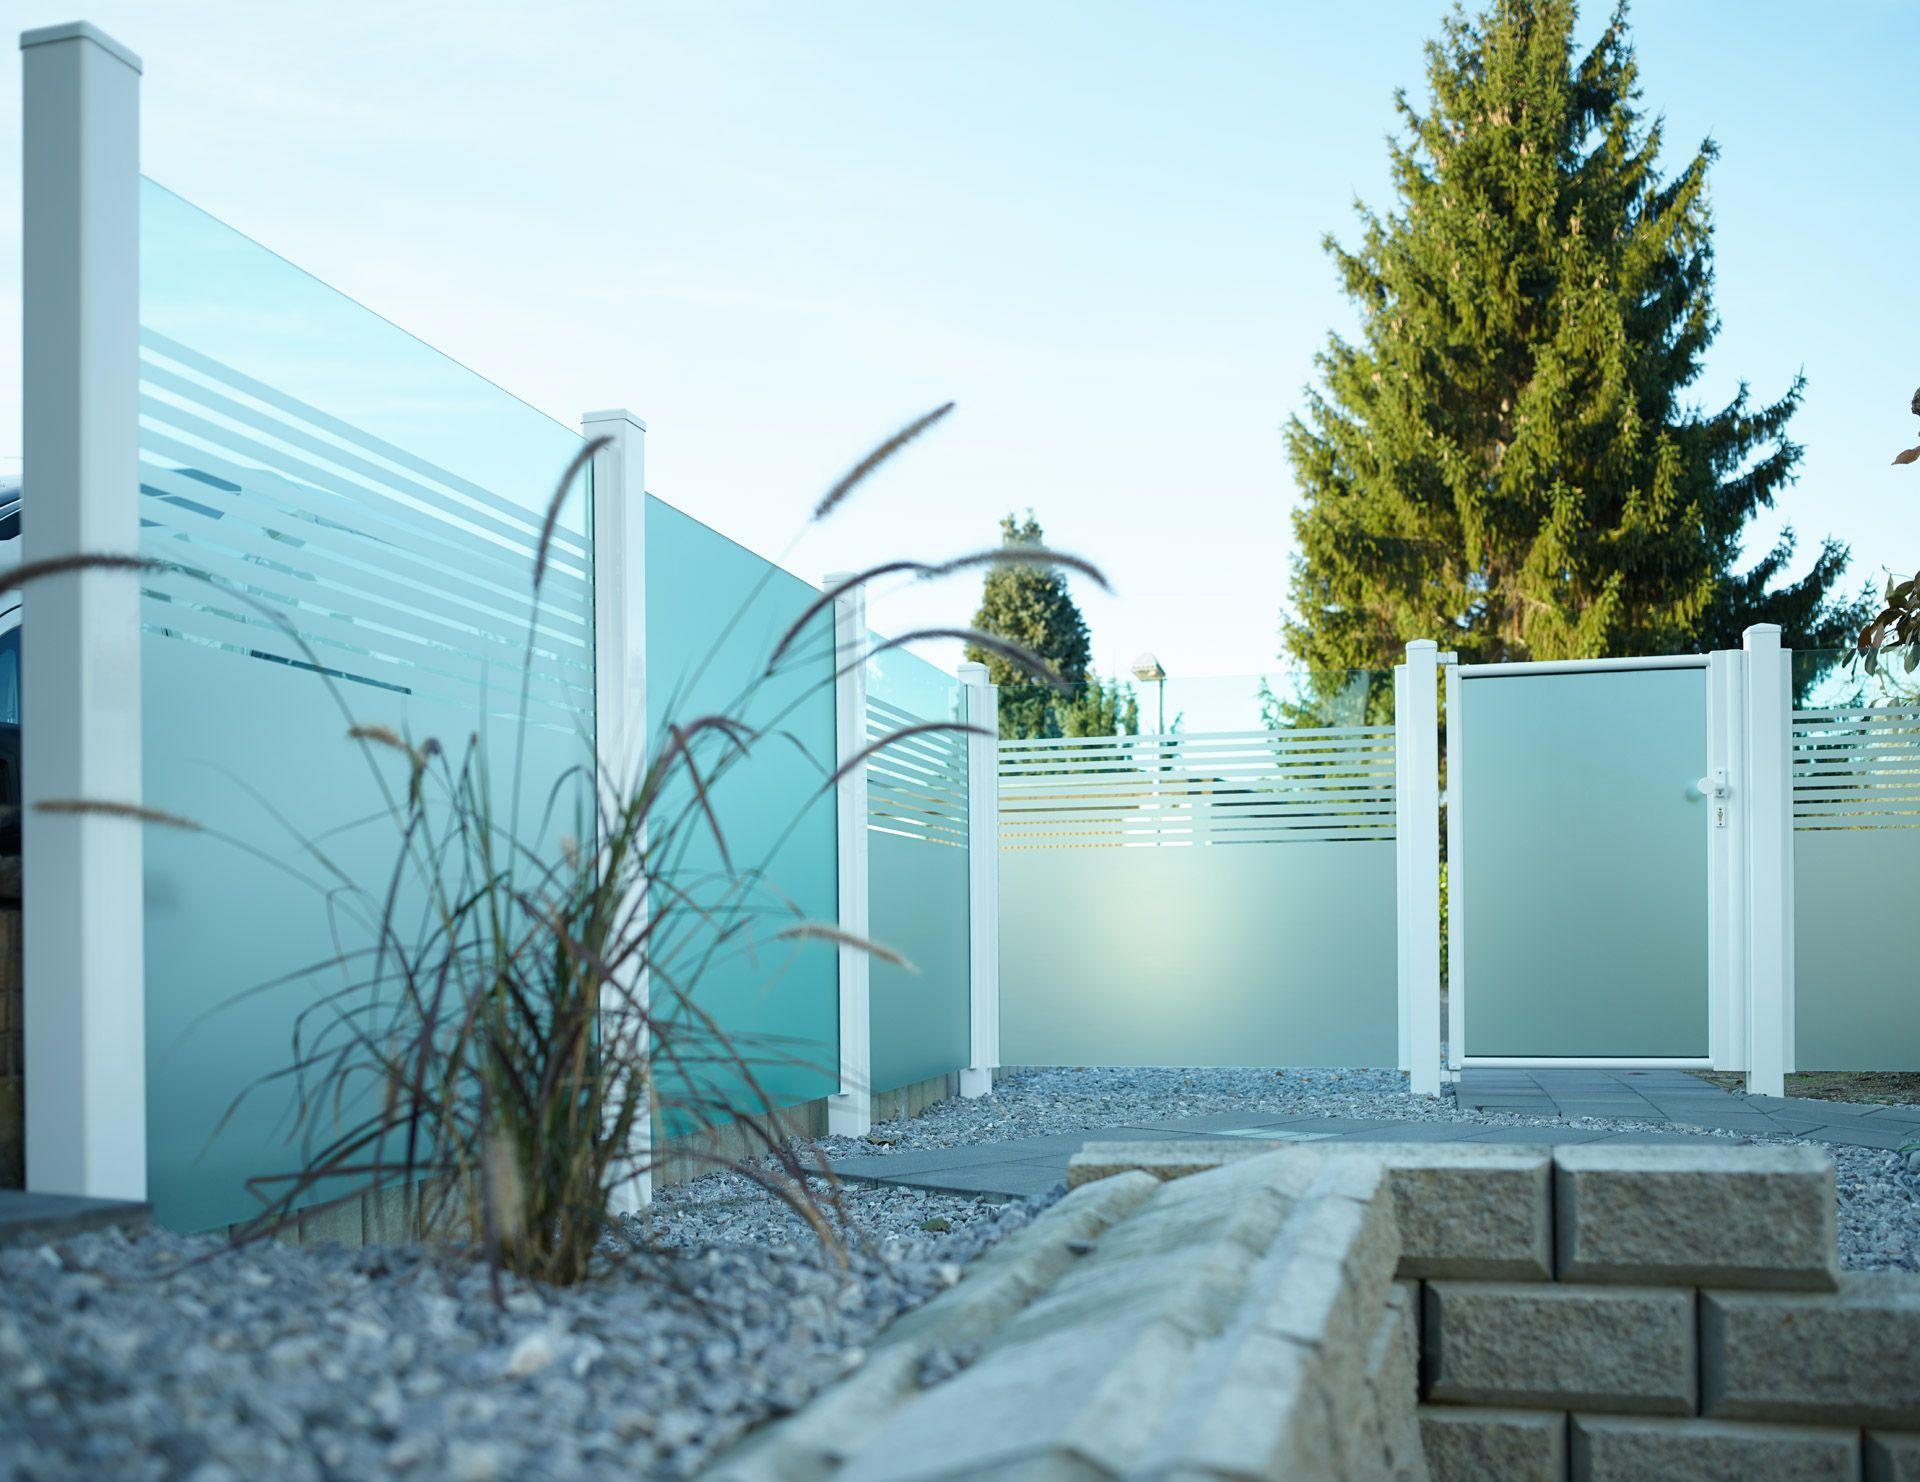 Modernes, Zeitloses Design. Glas im Garten ermöglicht das